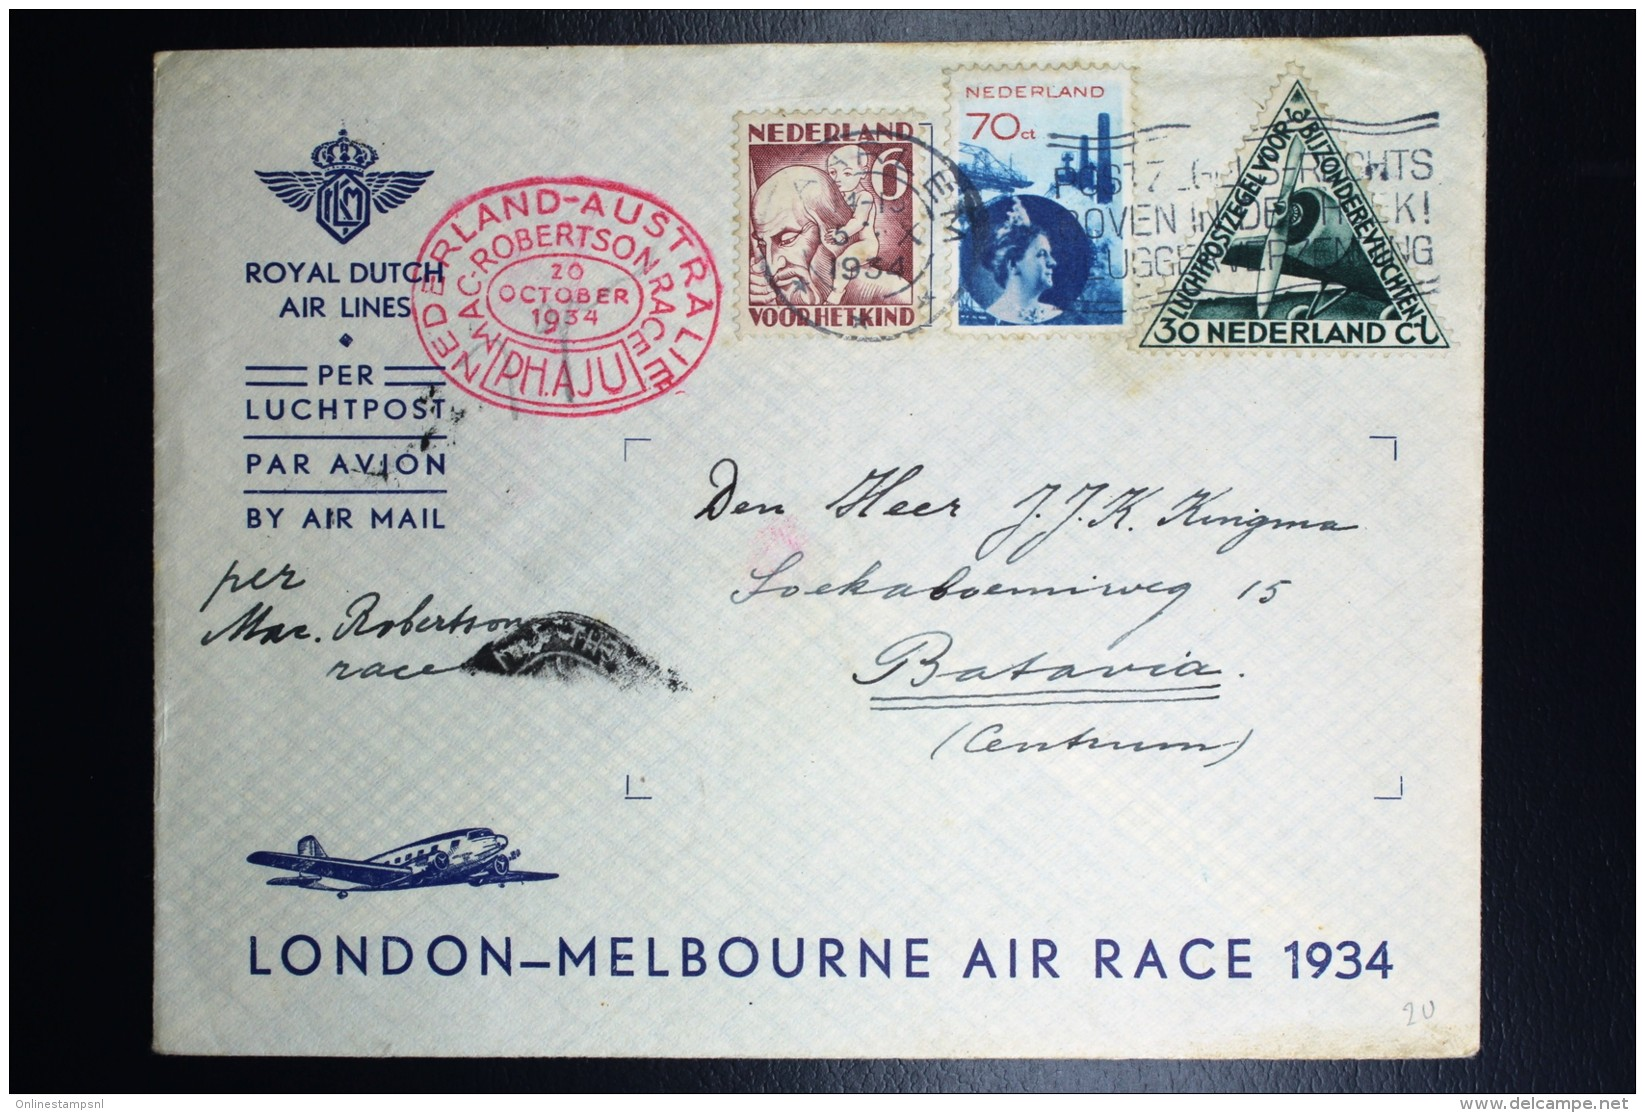 Netherlands: Mac Robertson Air Race UIVER PH.AJU Haarlem Vlagstemp London Sydney  Vlieg Hol 98  1934  Snelvlucht Stempel - Periode 1891-1948 (Wilhelmina)